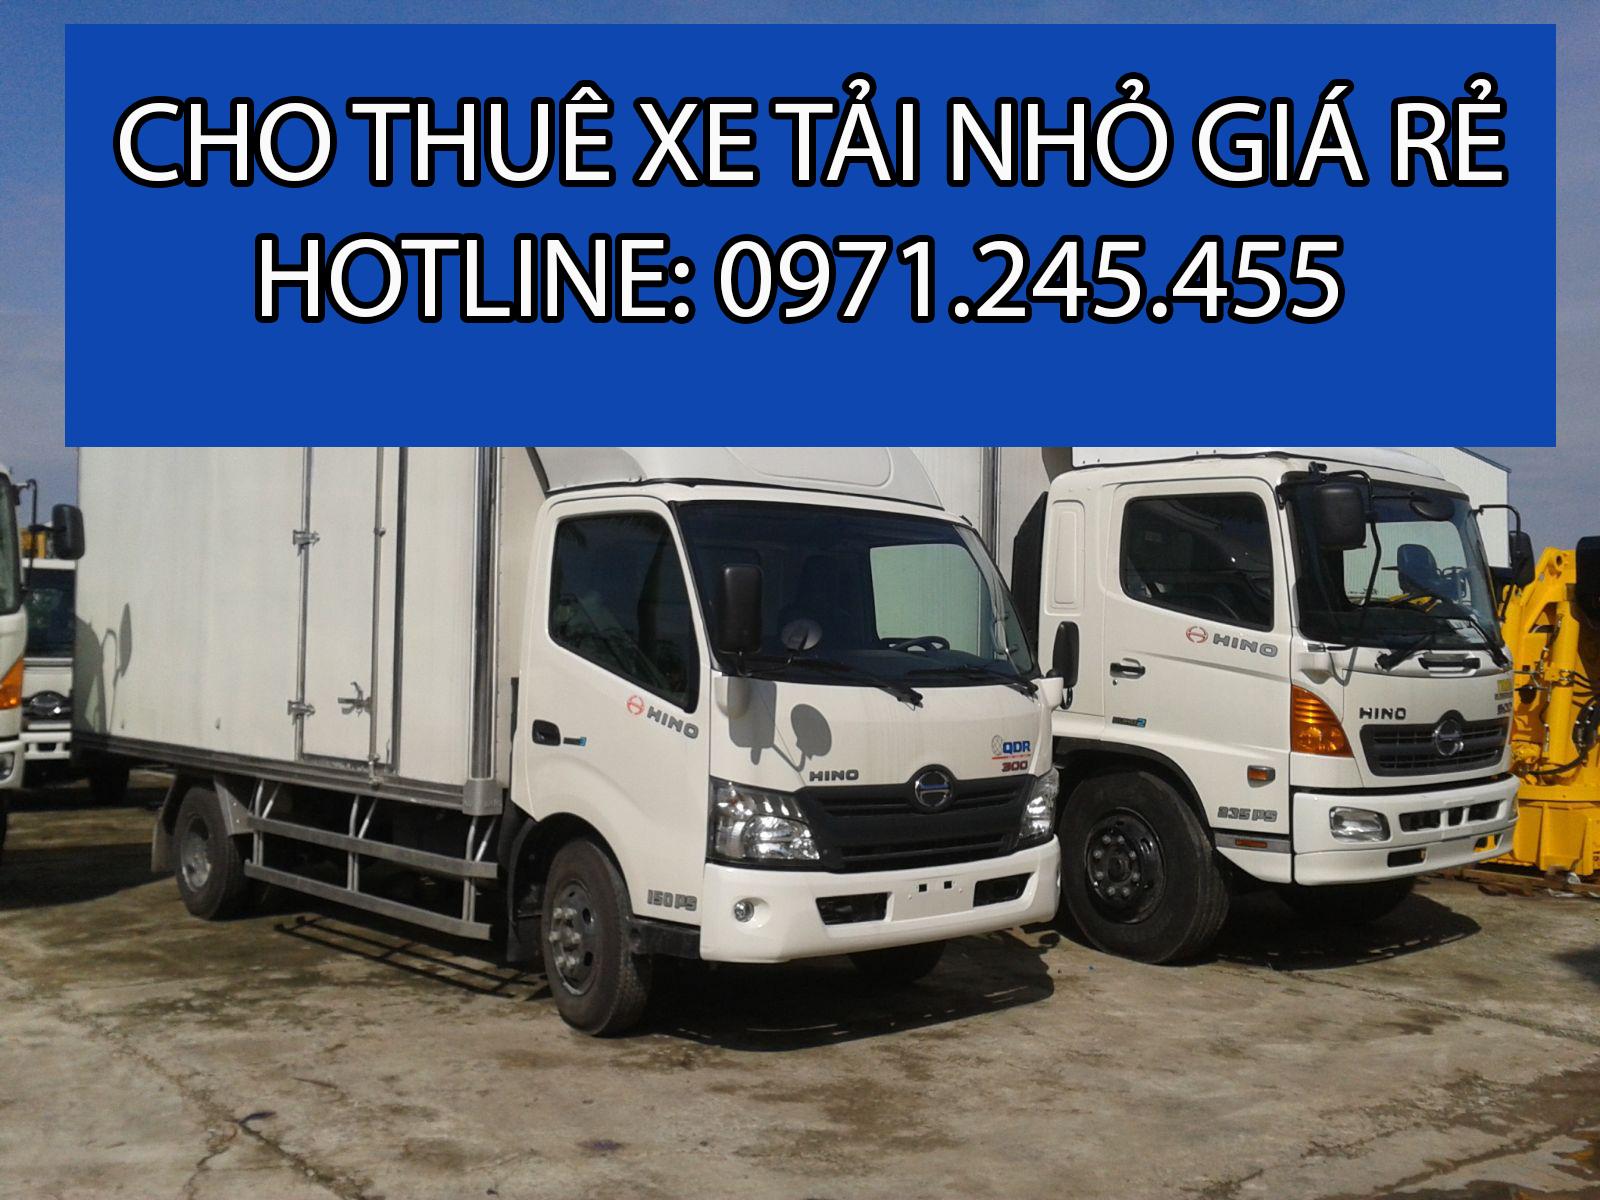 Chở hàng thuê xe tải nhỏ uy tín, giá rẻ tại TPHCM